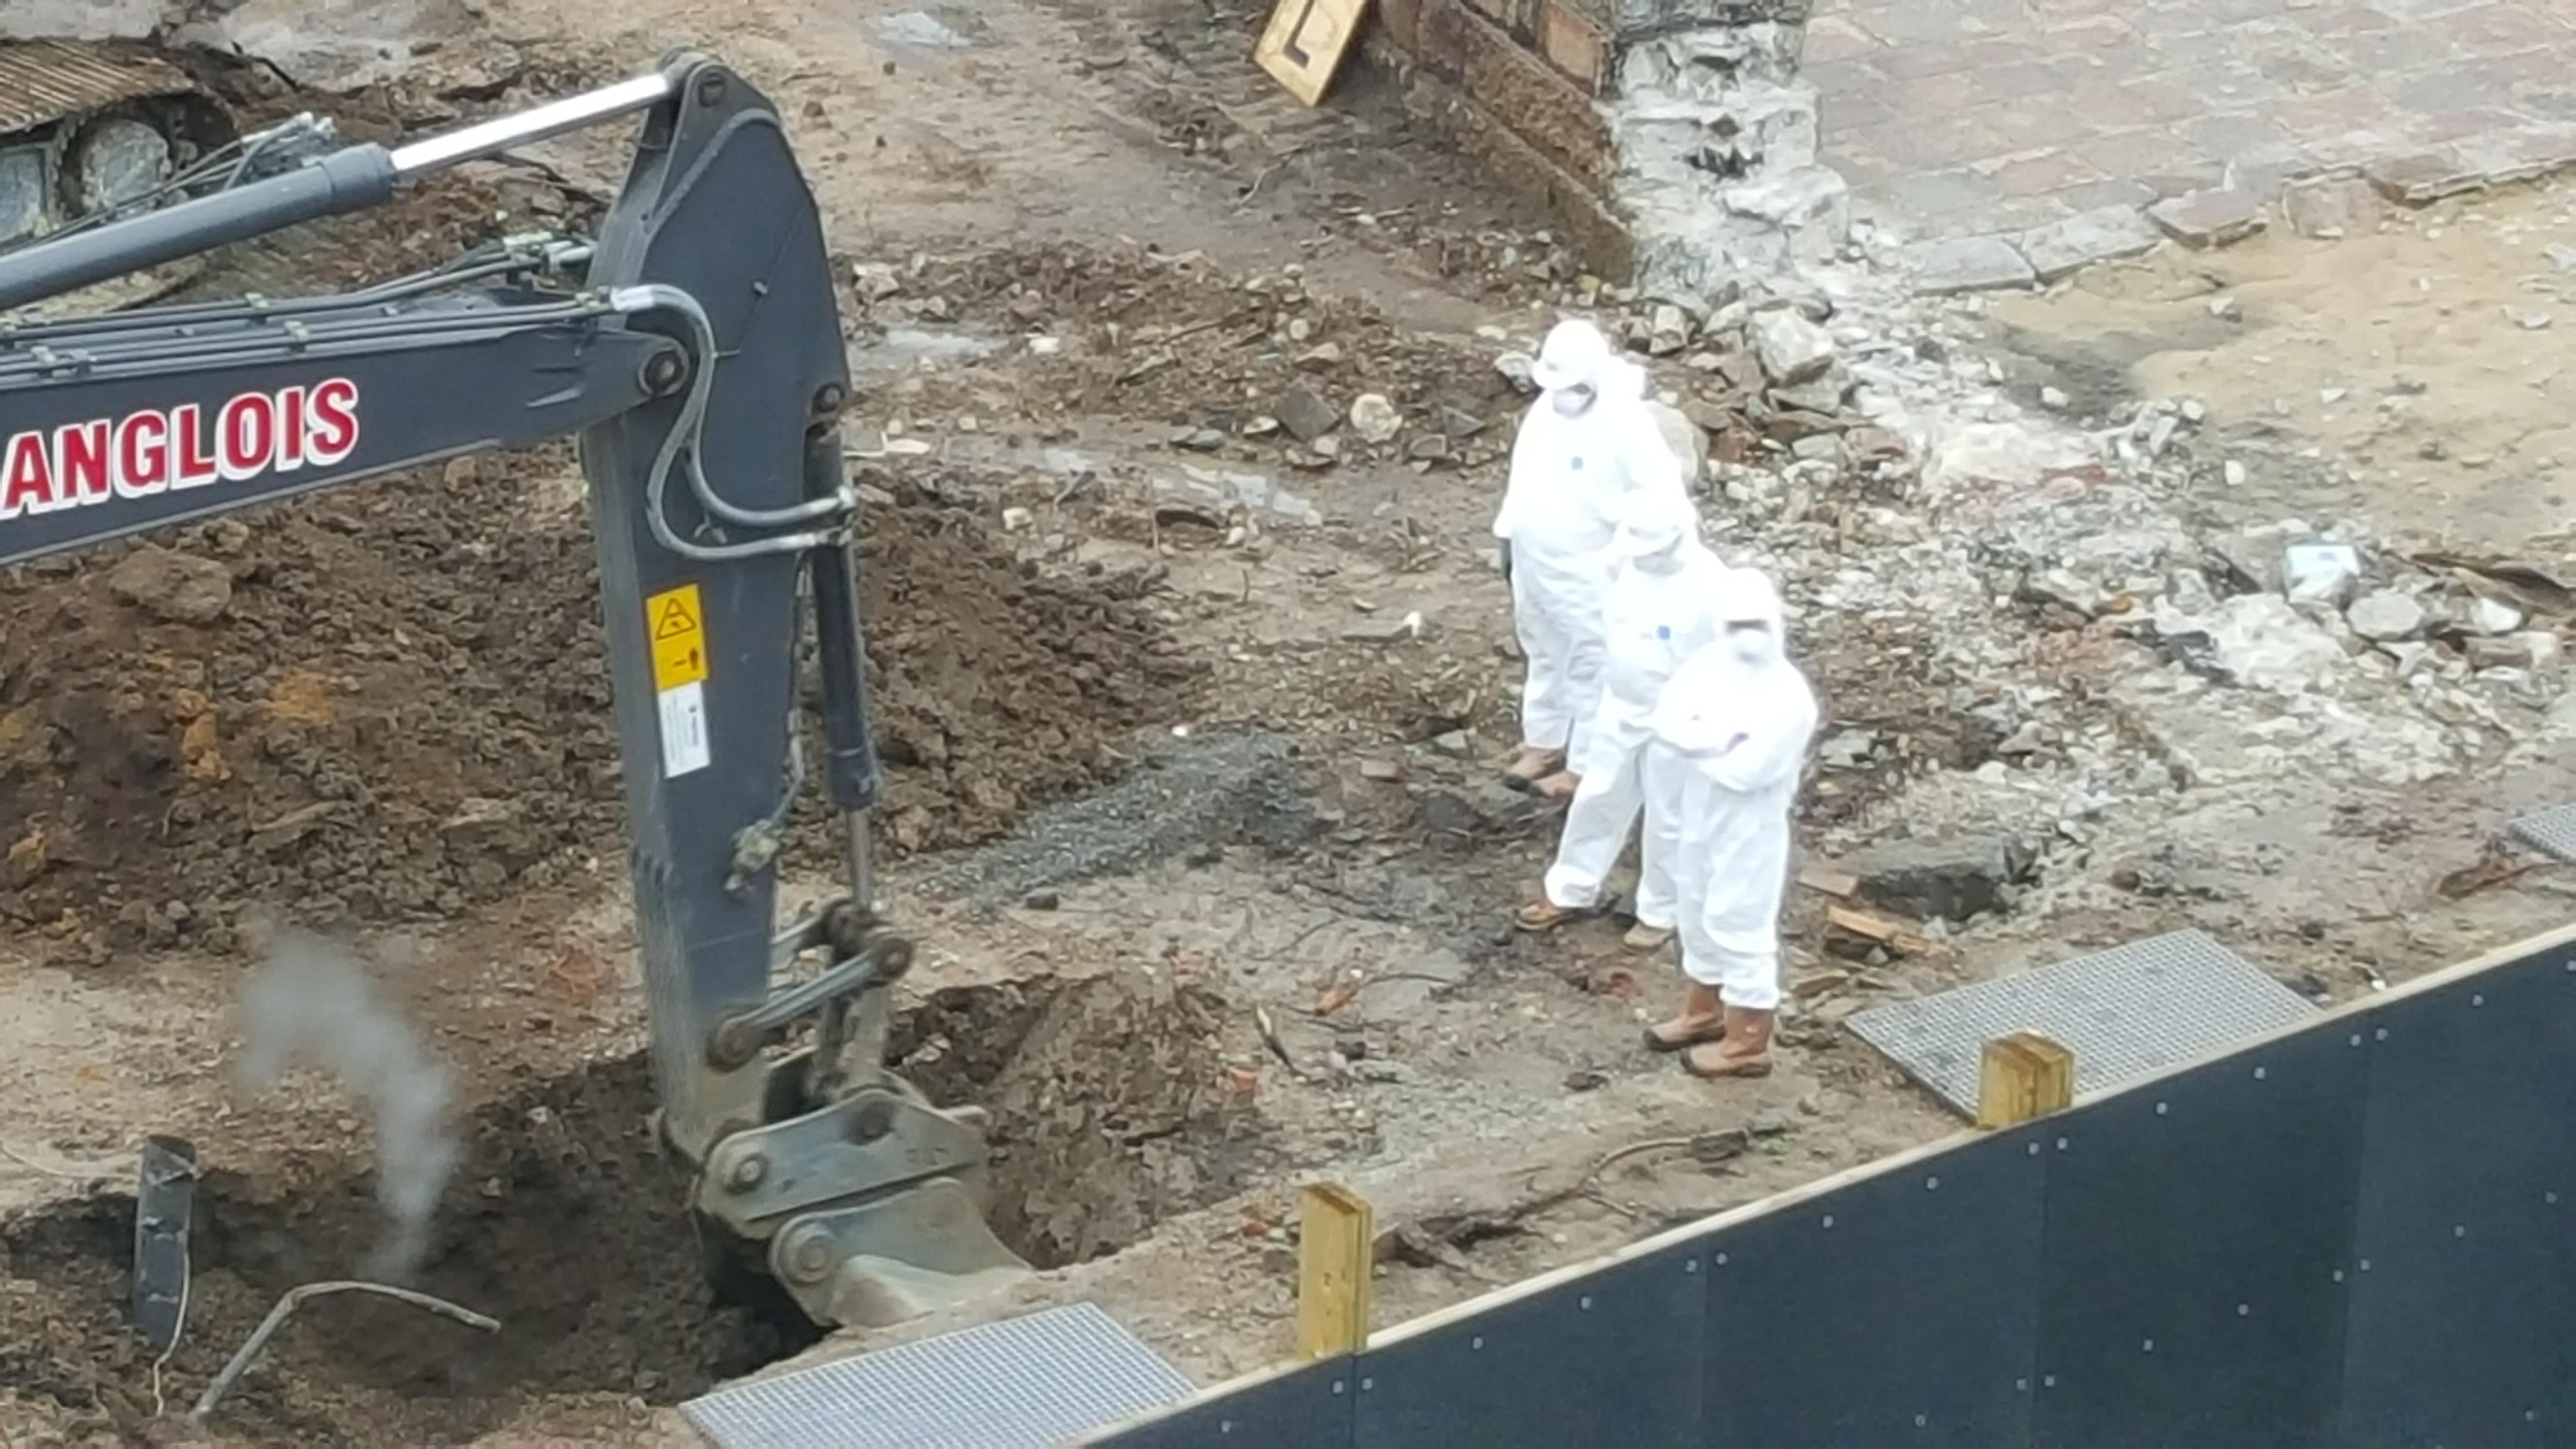 asbestos in dust - men in hazmat suits - sos jersey